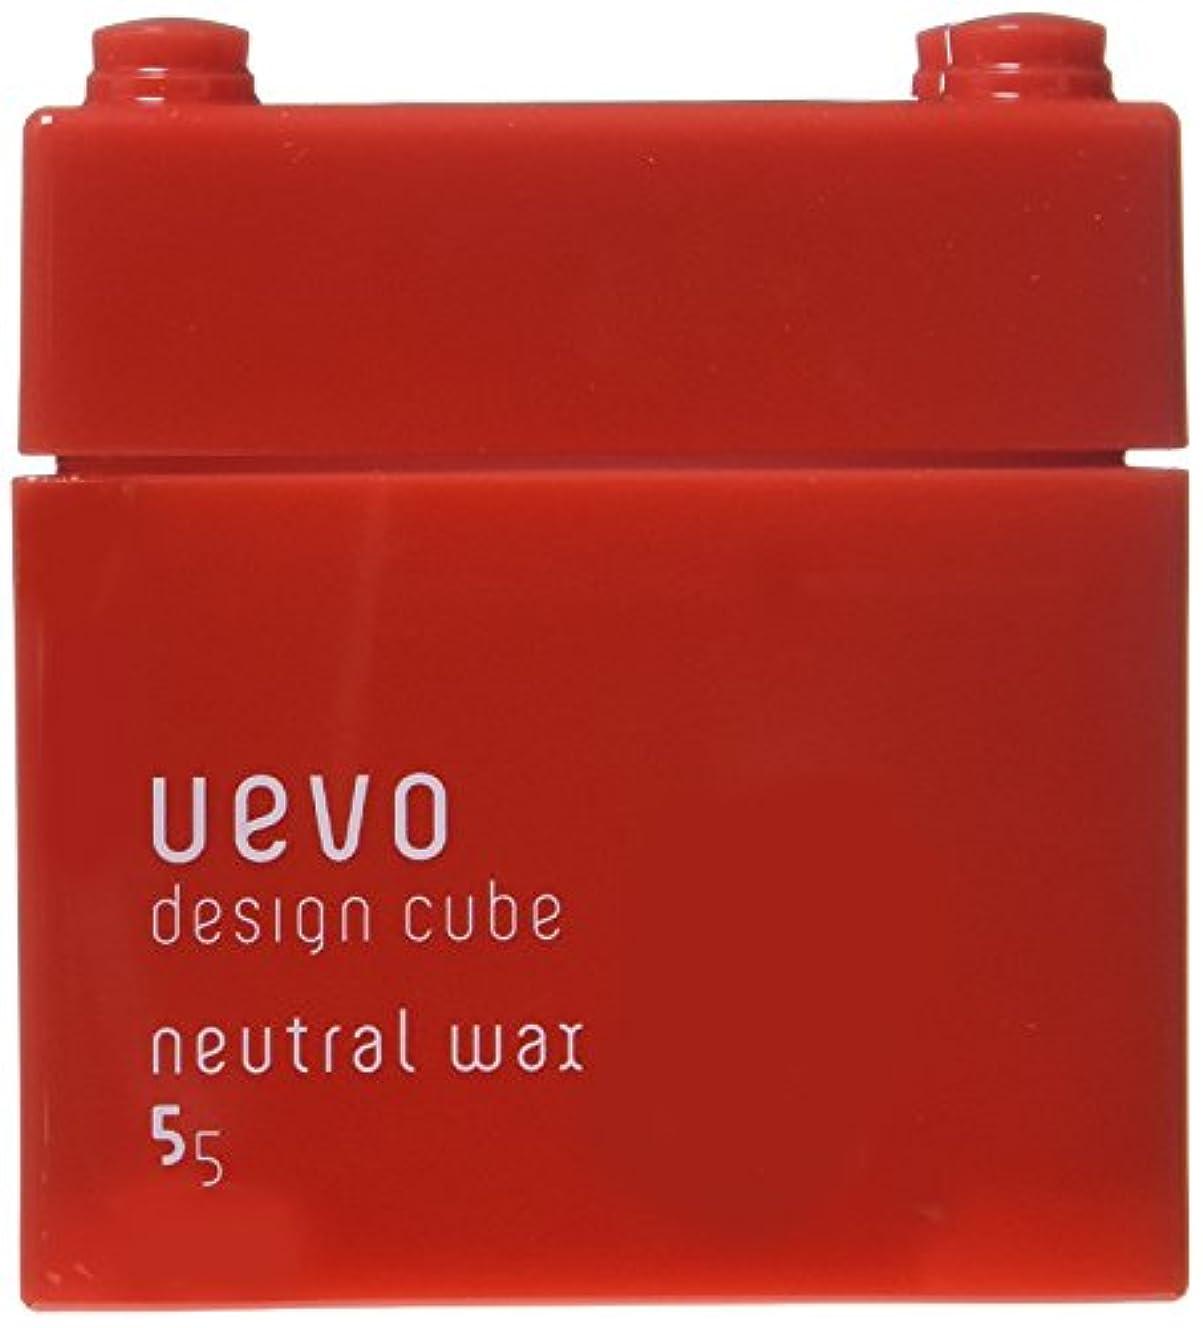 コーン柱有毒なウェーボ デザインキューブ ニュートラルワックス 80g